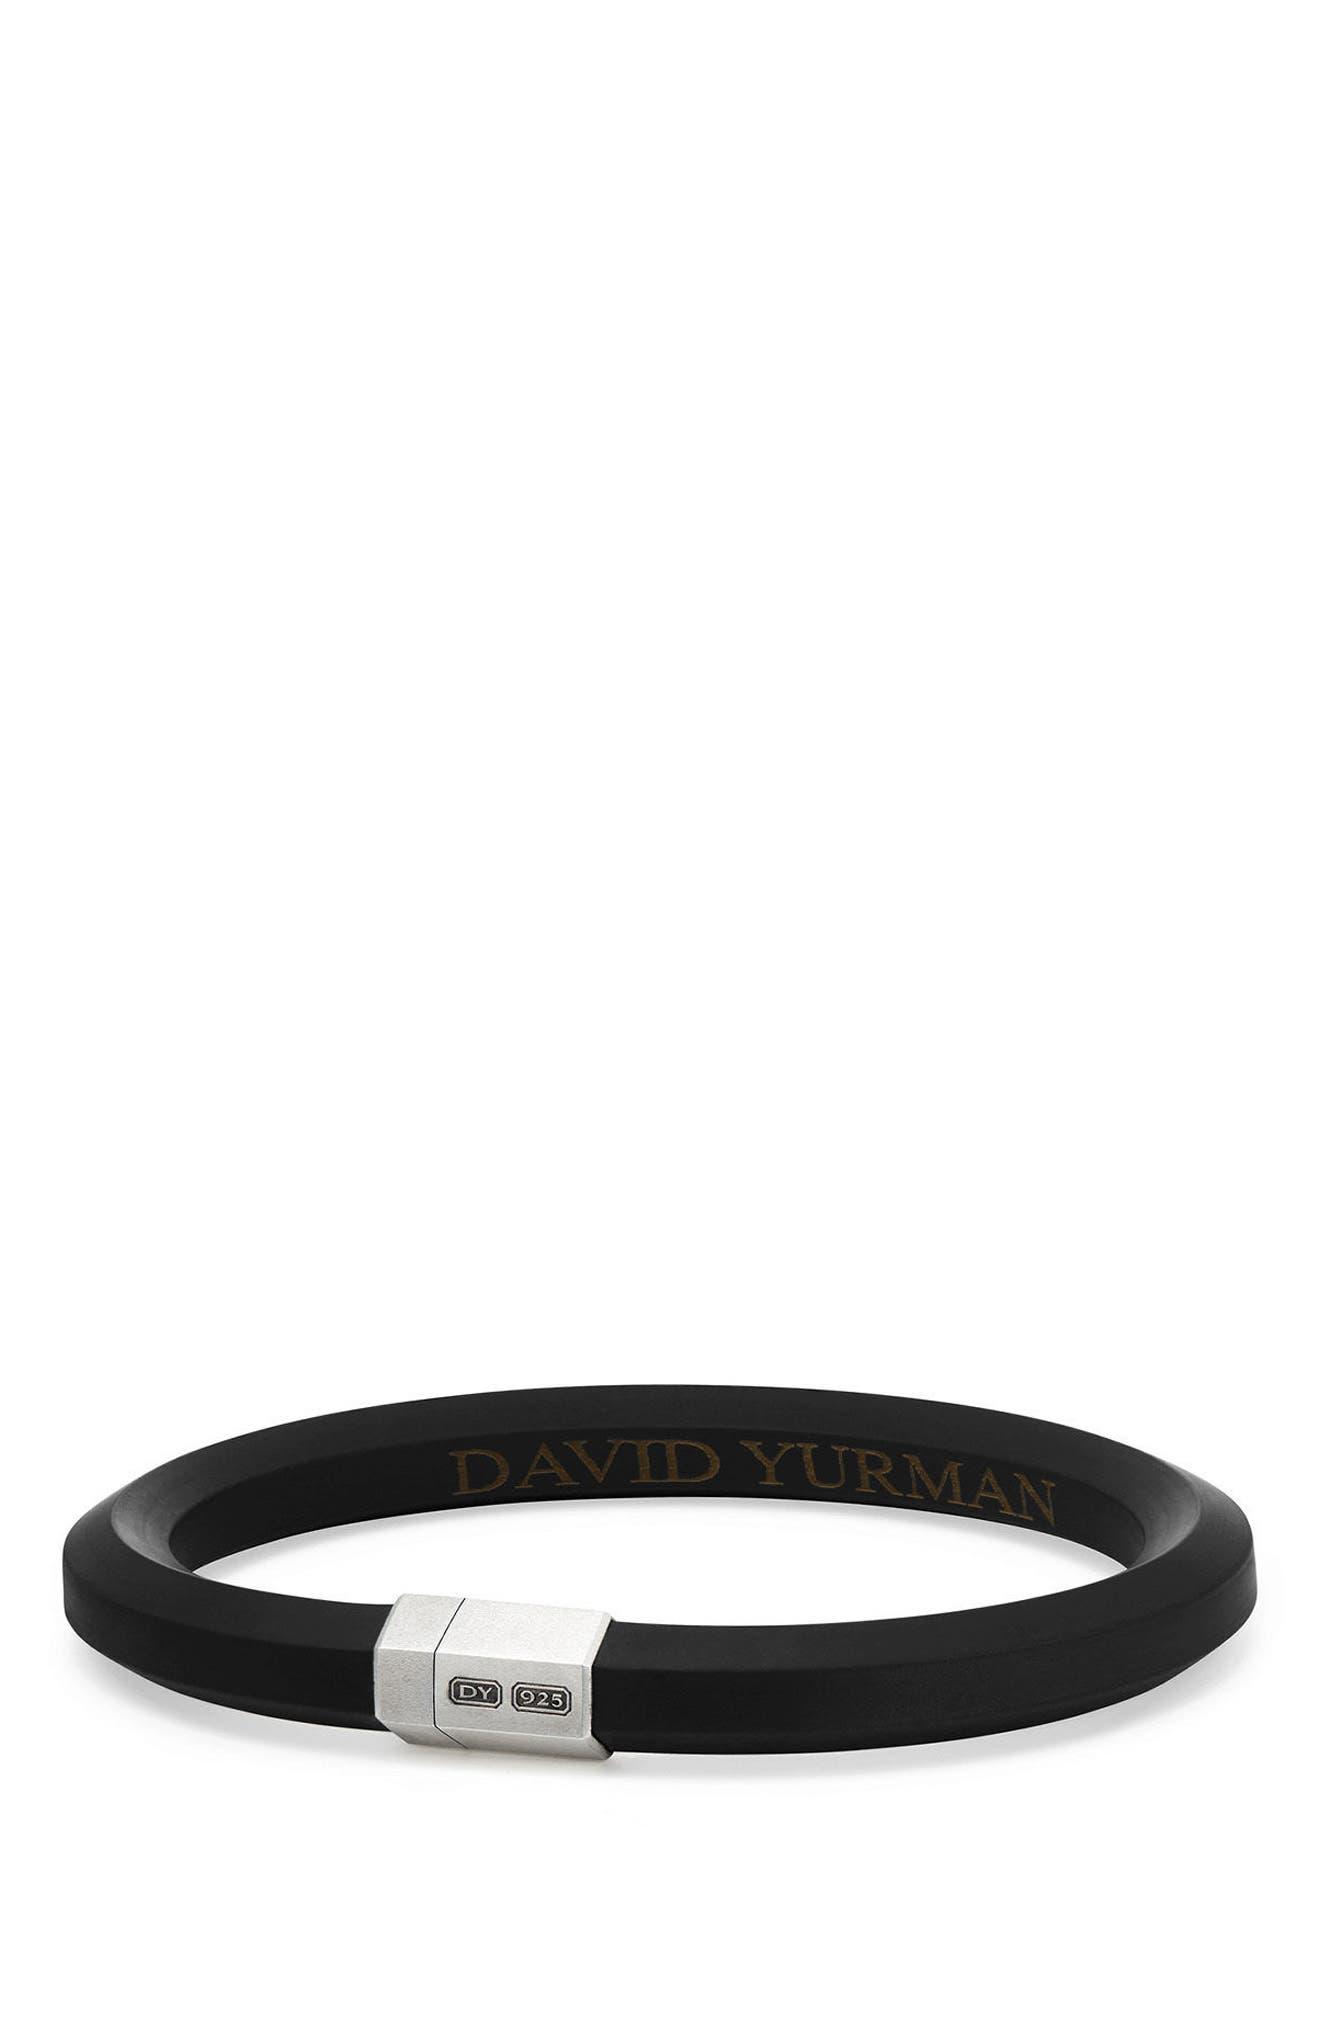 David Yurman Streamline Rubber ID Bracelet in Black